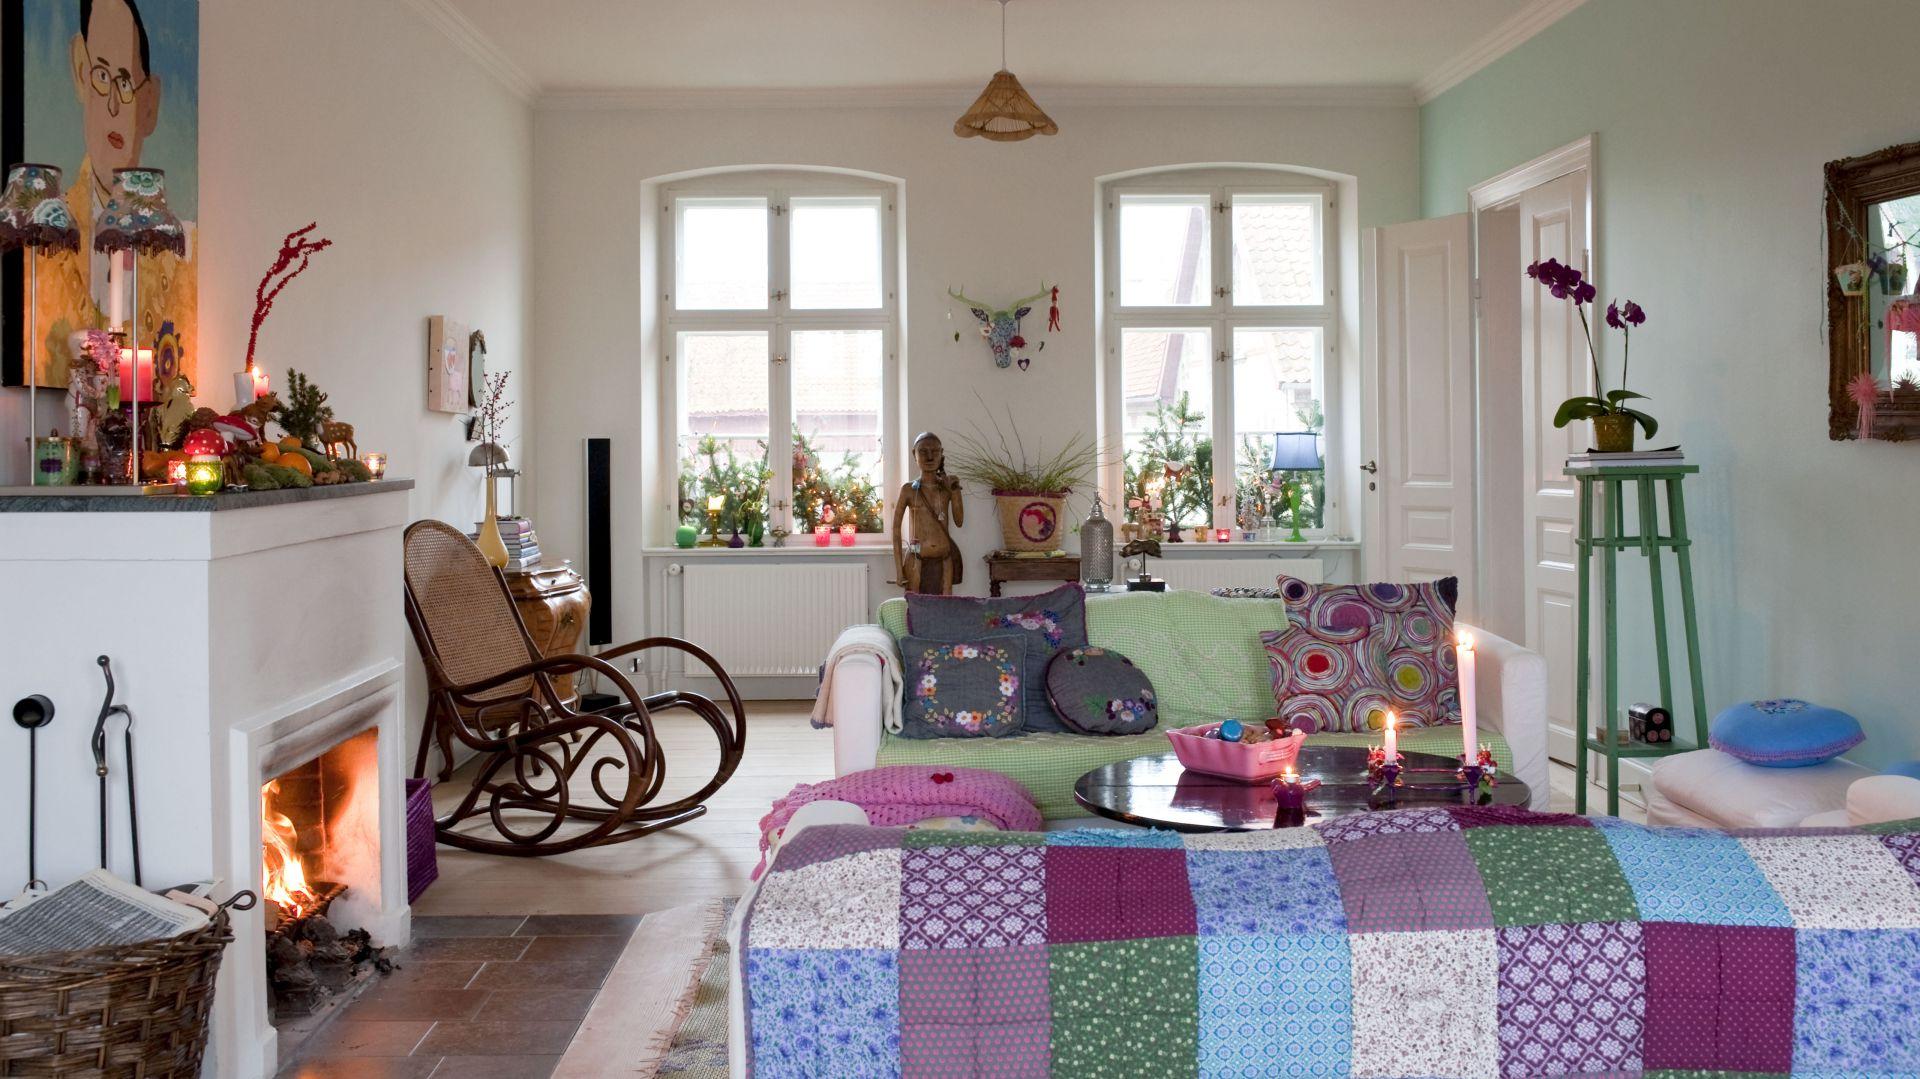 Meble w salonie ustrojone zostały w patchworkowe koce i szydełkowe narzuty. Dzięki nim pokój nabrał ciepłego i przytulnego charakteru. Orientalne dodatki świetnie się komponują z kolorowymi drobiazgami od Rice. Fot. Polly Eltes/Narratives.